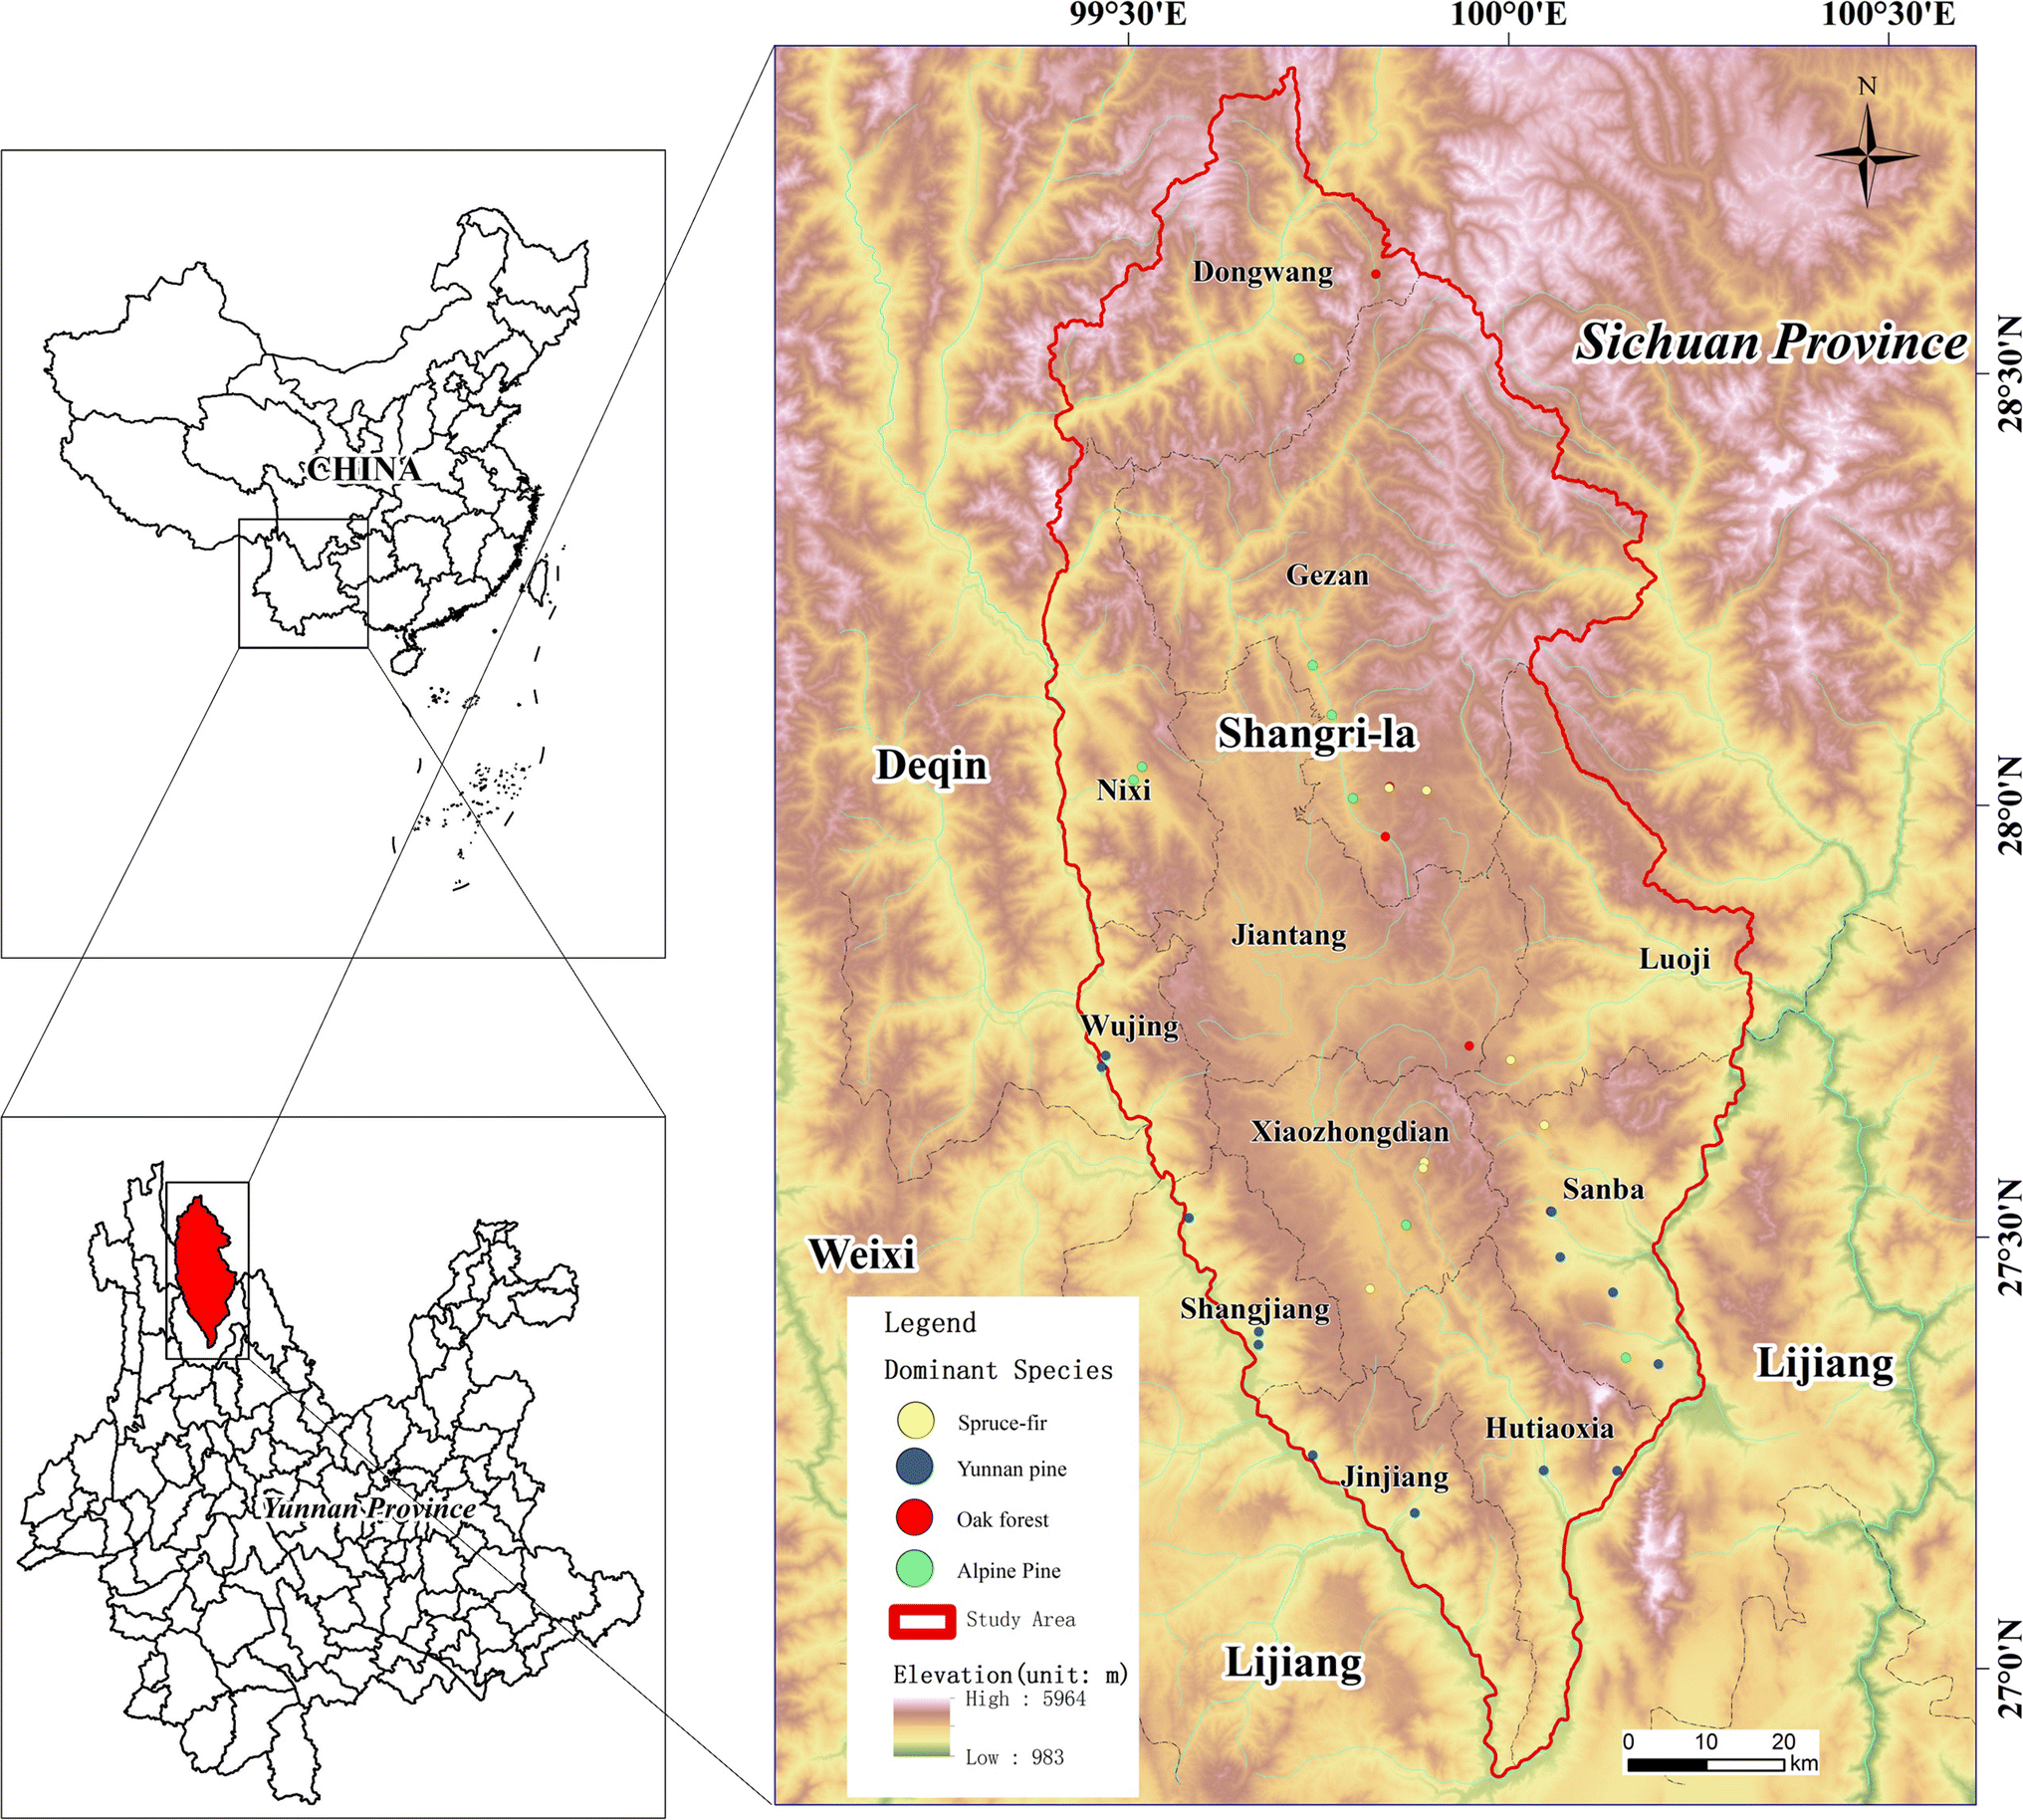 Forest Leaf Area Index Inversion Based on Landsat OLI Data